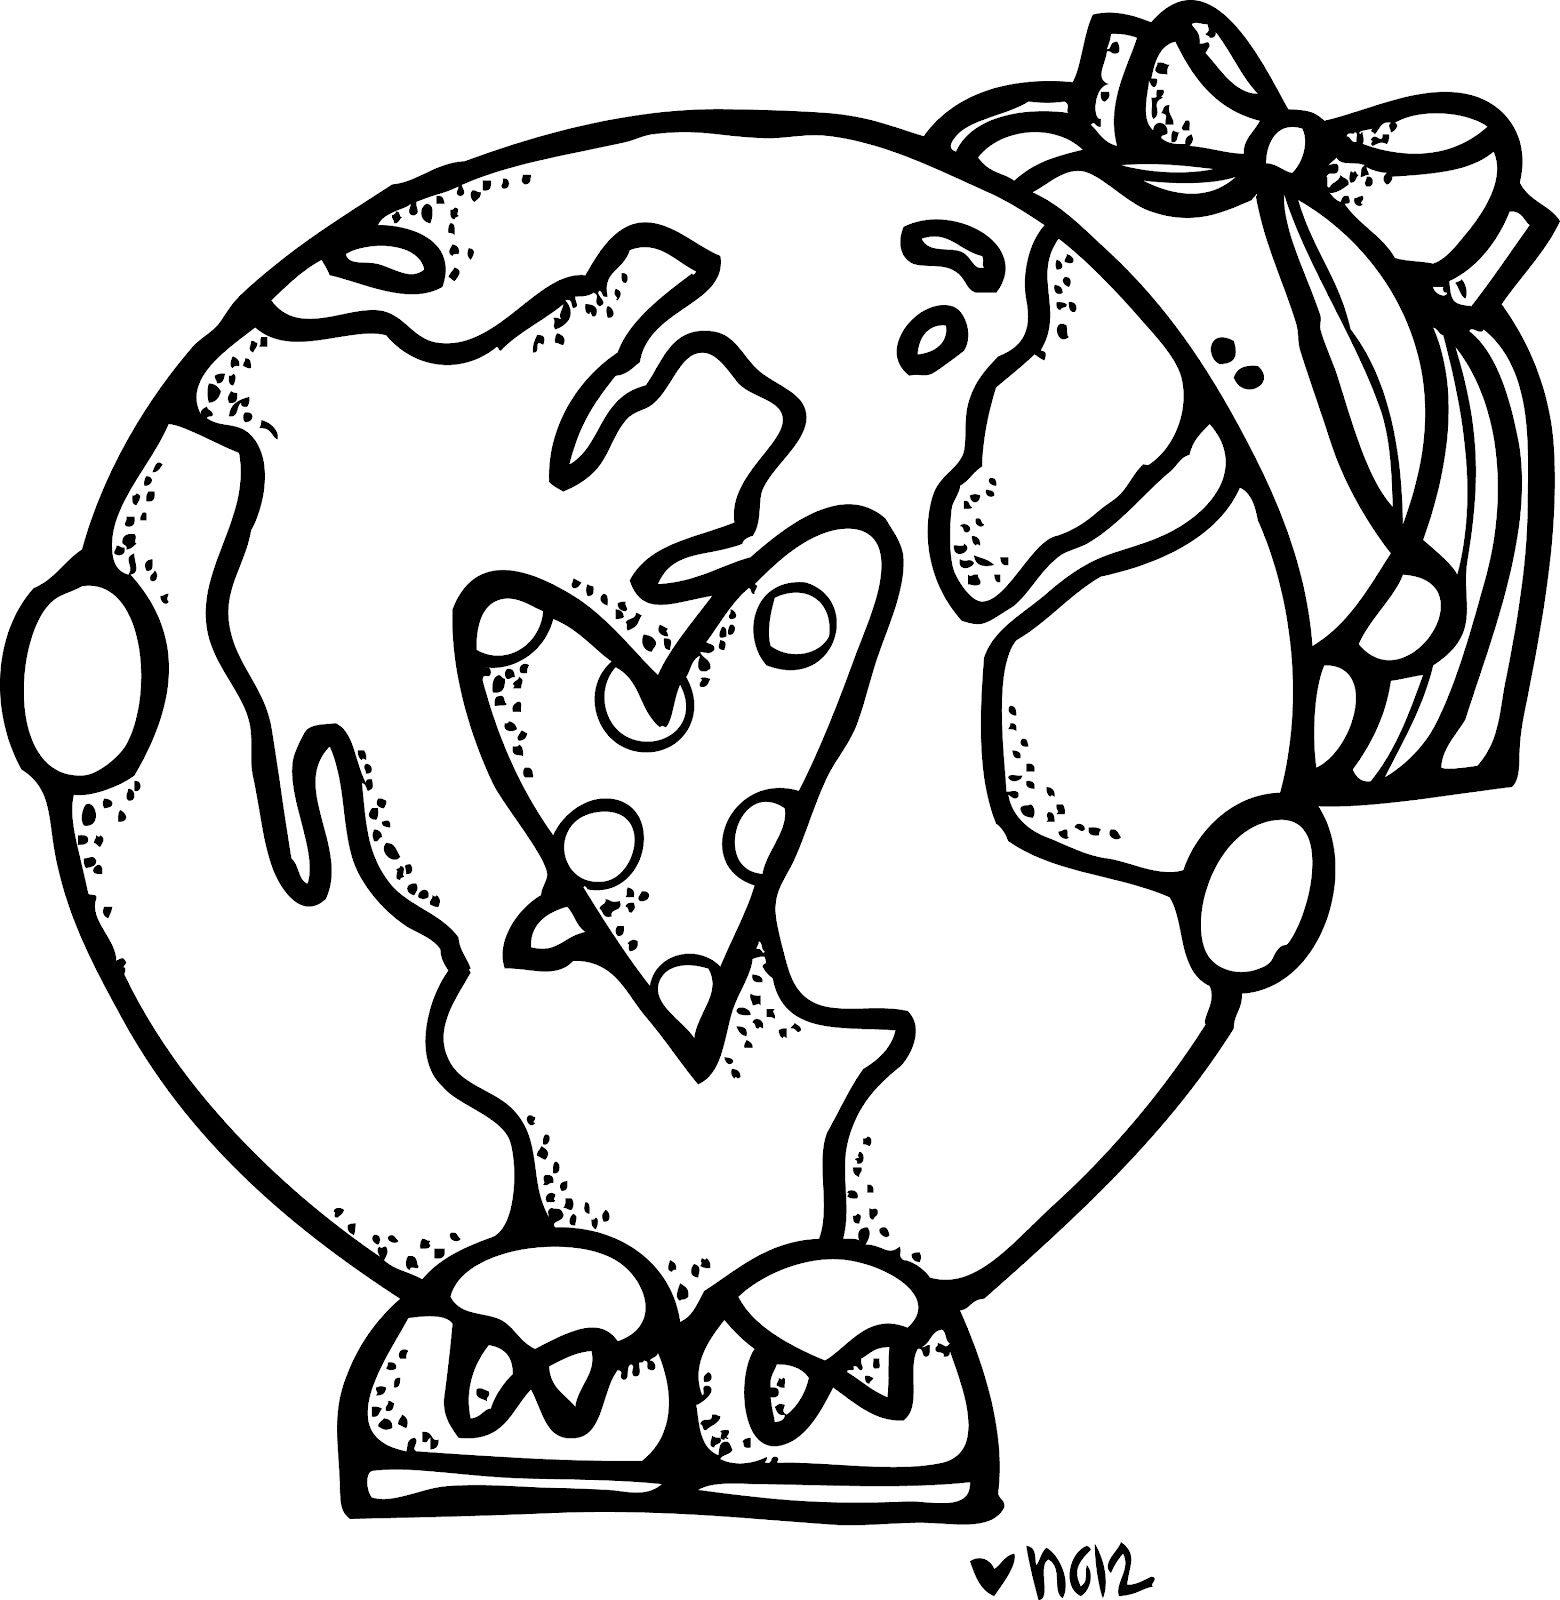 malvorlagen umweltschutz comic  tiffanylovesbooks